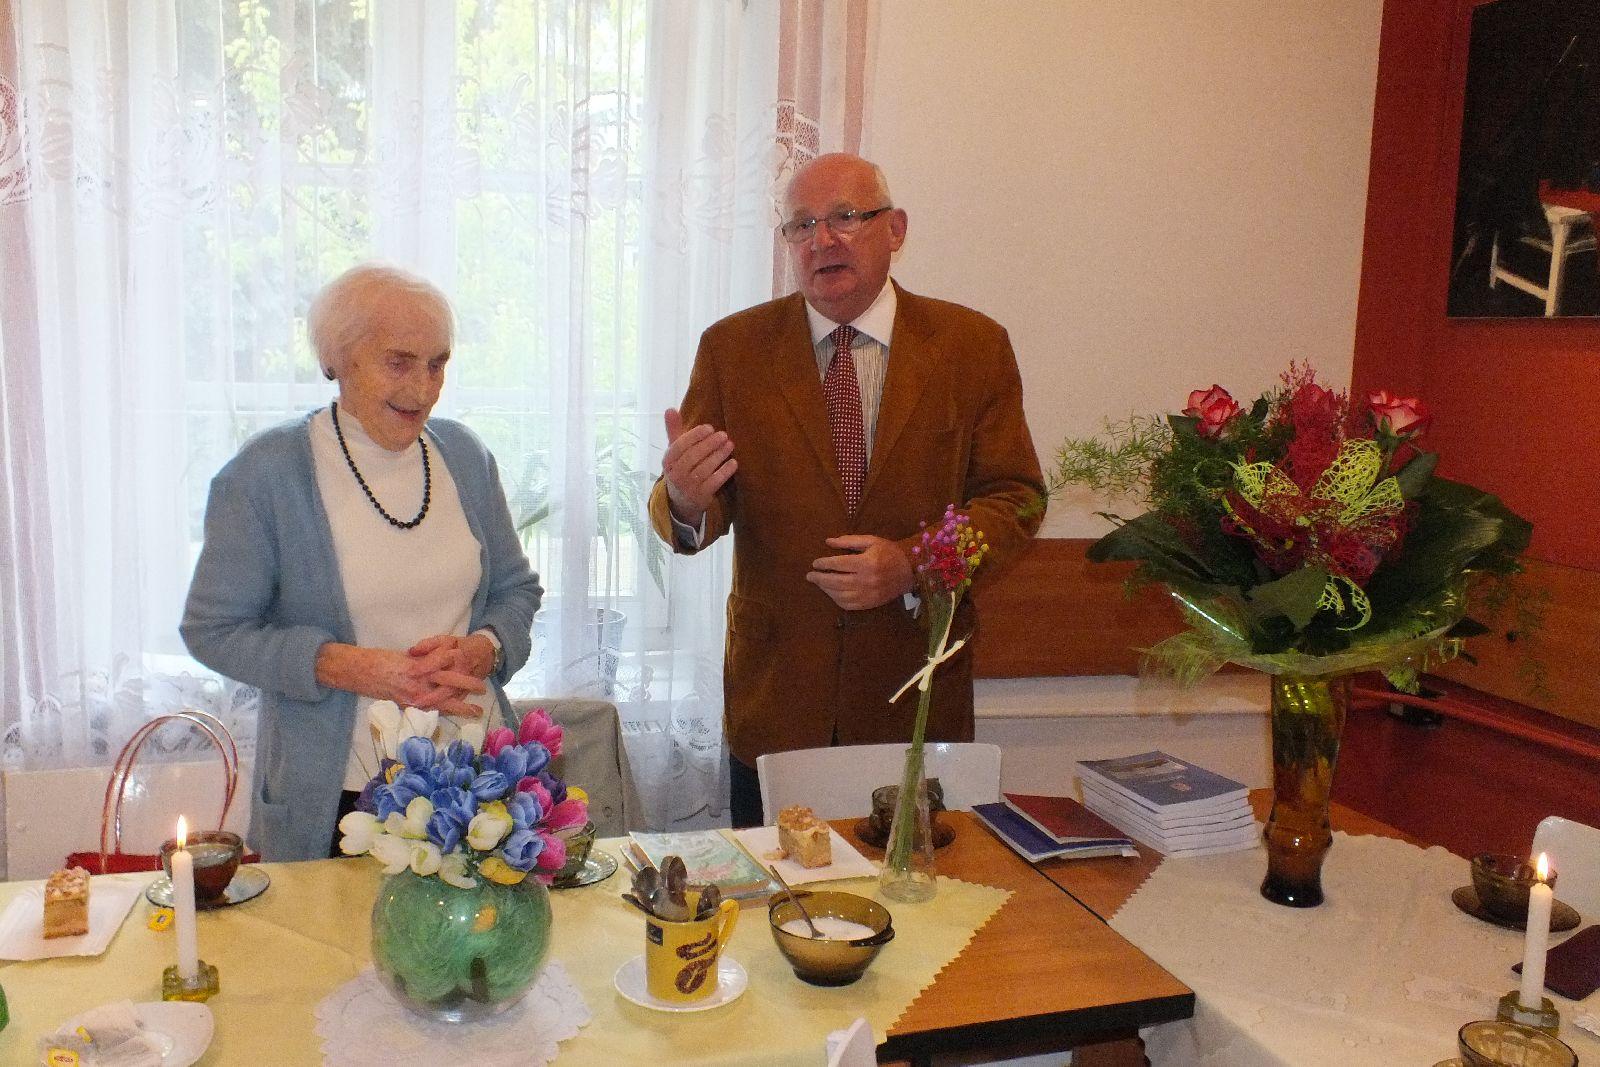 Oglądasz obraz z artykułu: Sto Lat w 93 urodziny.